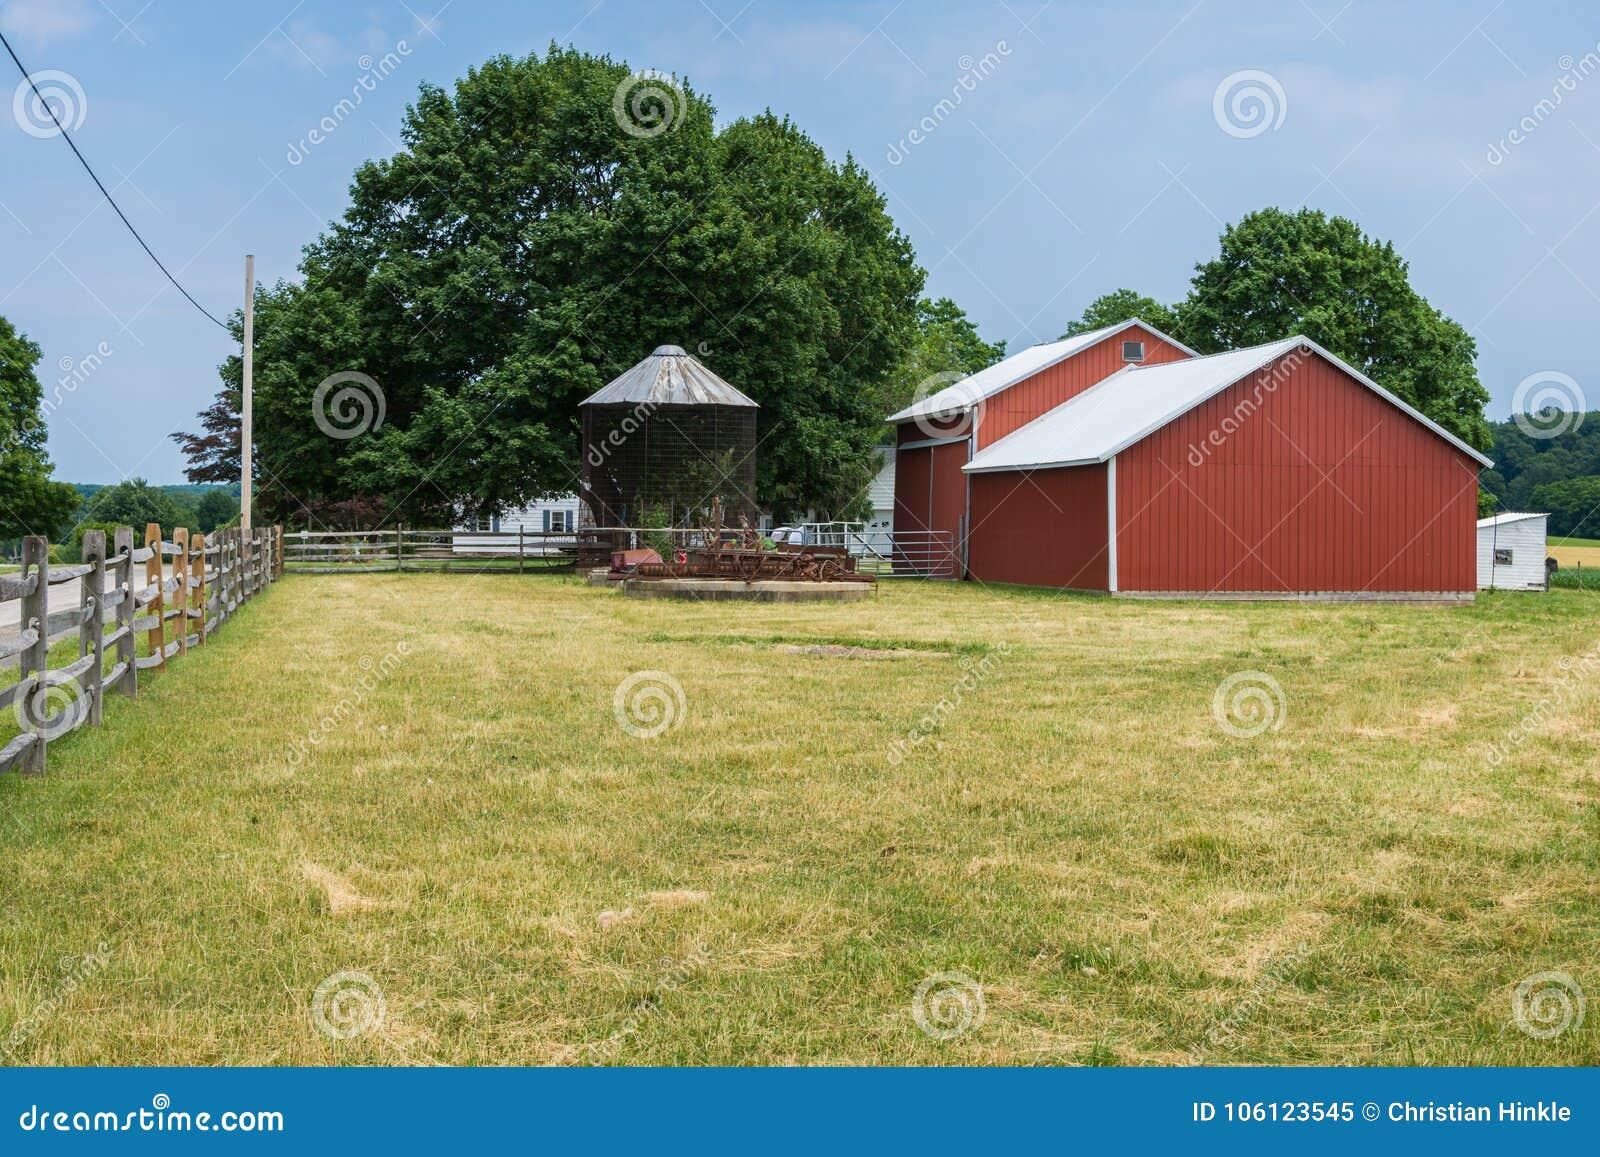 Αγροτικό καλλιεργήσιμο έδαφος της Πενσυλβανίας κομητειών της Υόρκης χώρας, μια θερινή ημέρα